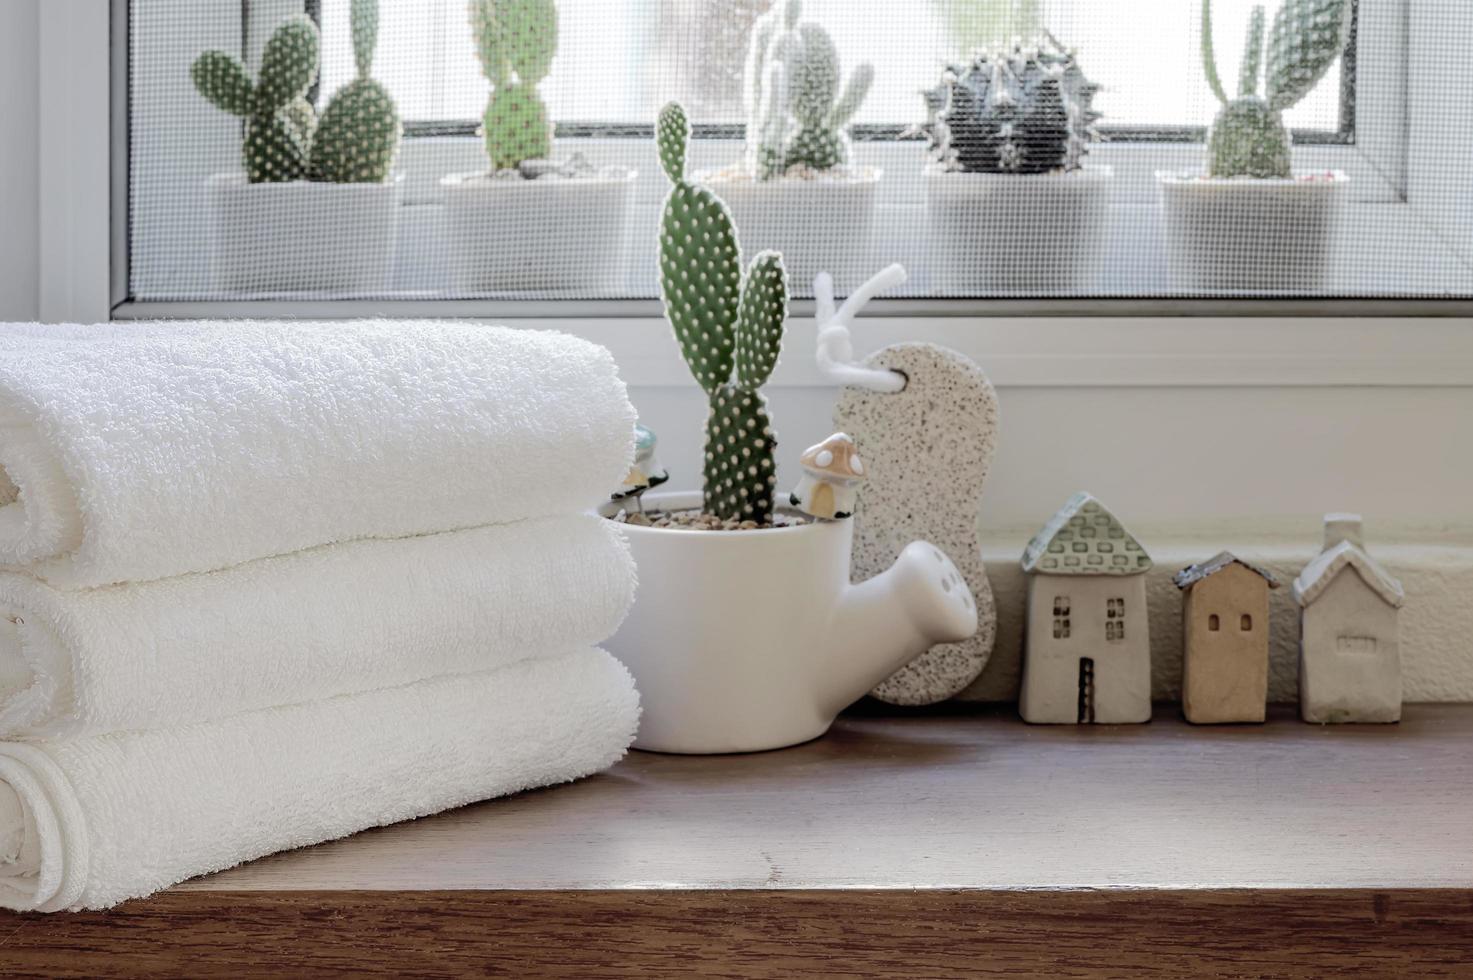 gevouwen schone handdoeken met kamerplant op houten toonbank foto